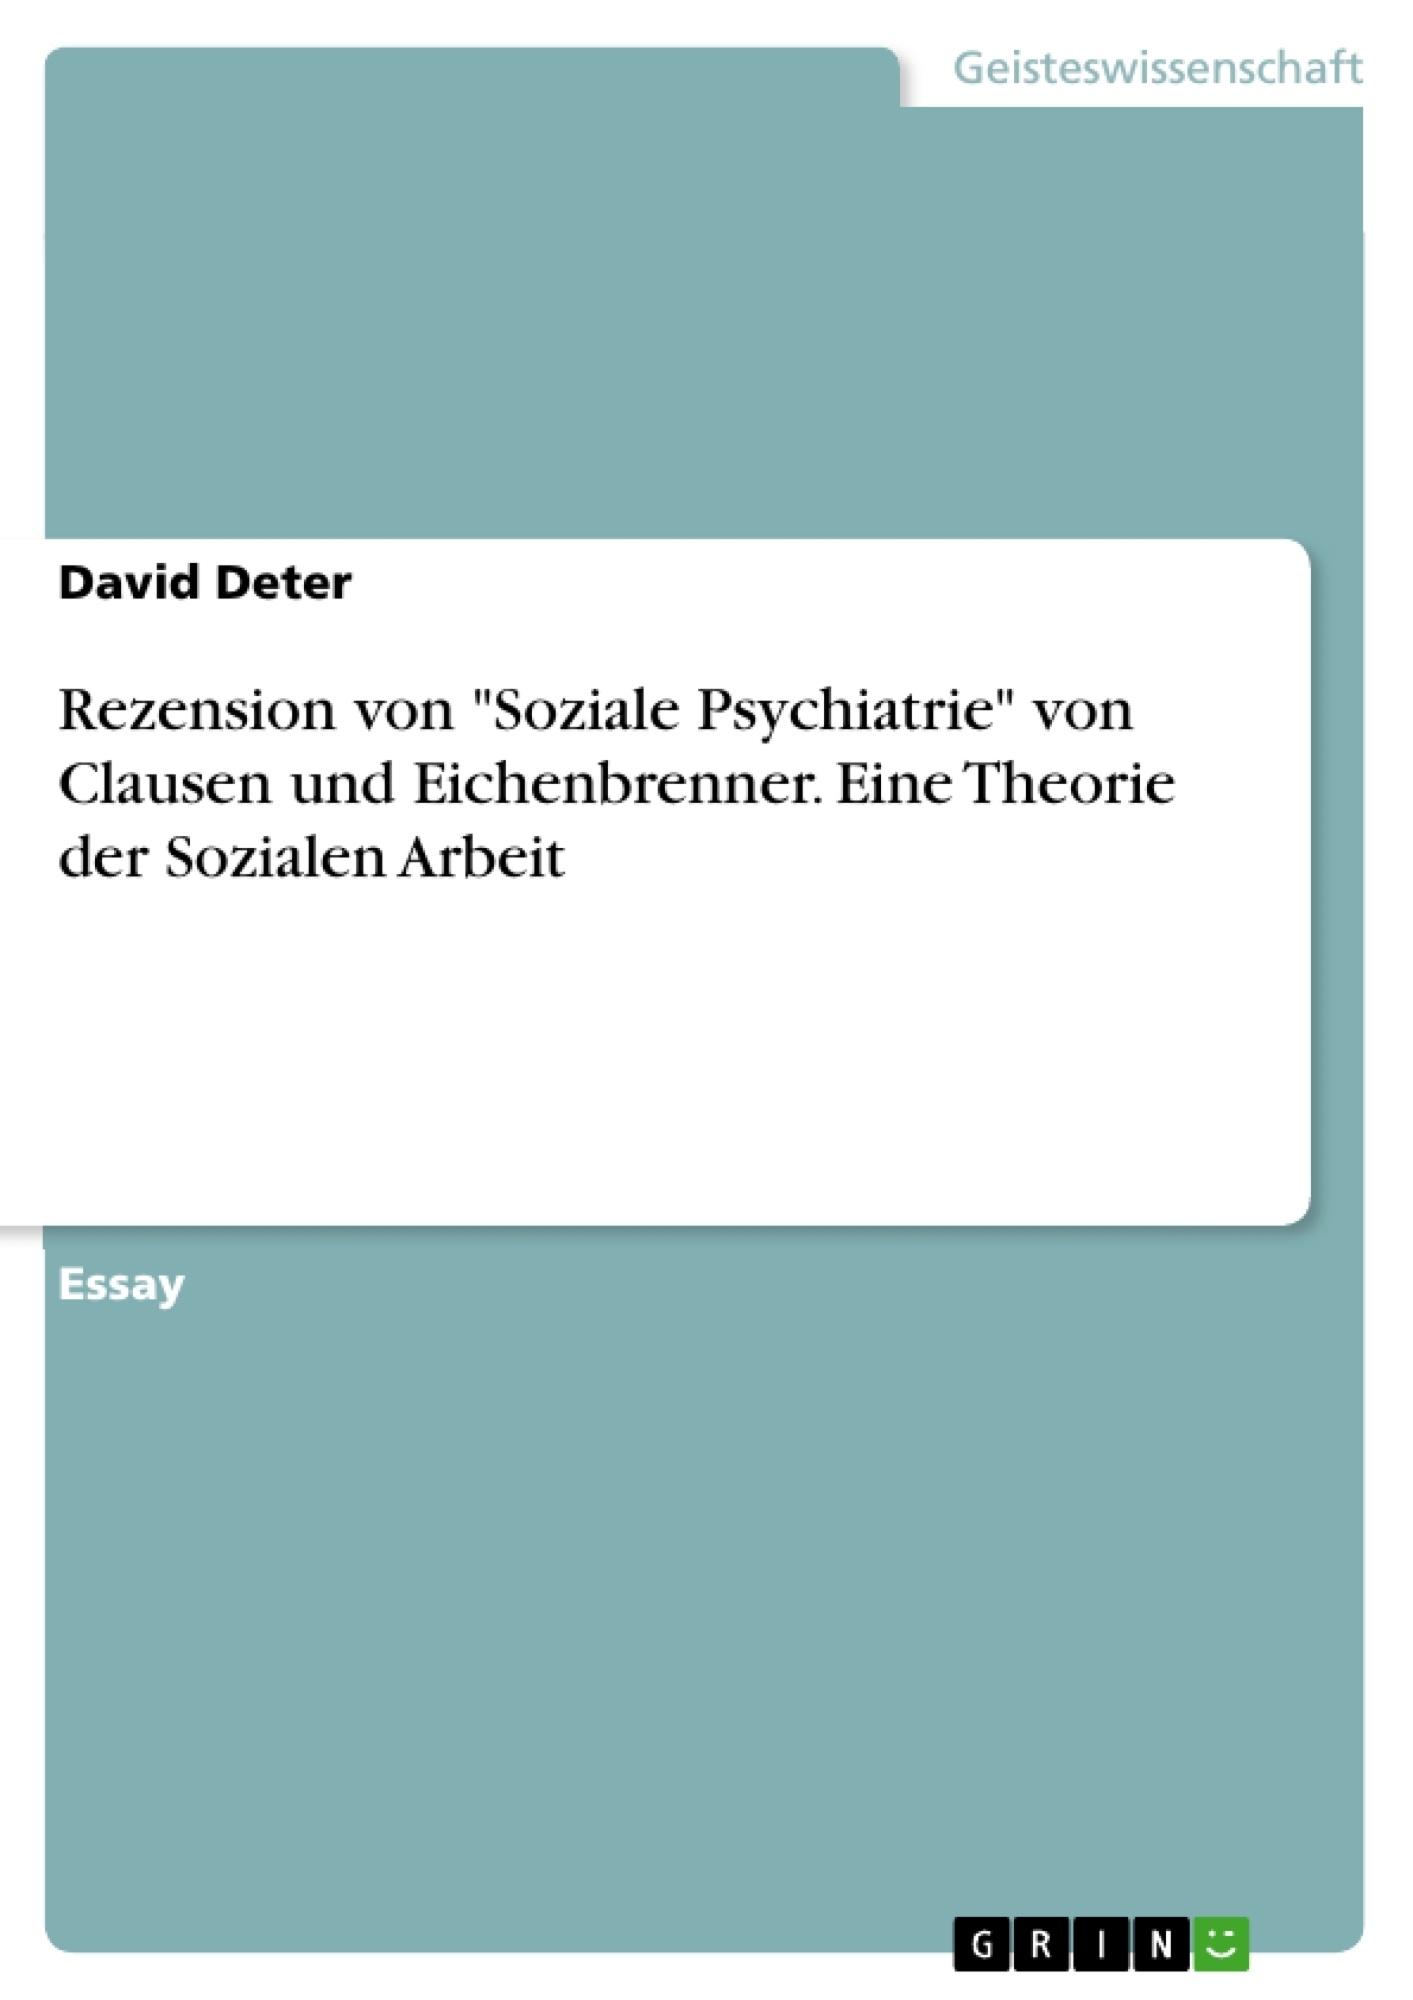 """Titel: Rezension von """"Soziale Psychiatrie"""" von Clausen und Eichenbrenner. Eine Theorie der Sozialen Arbeit"""